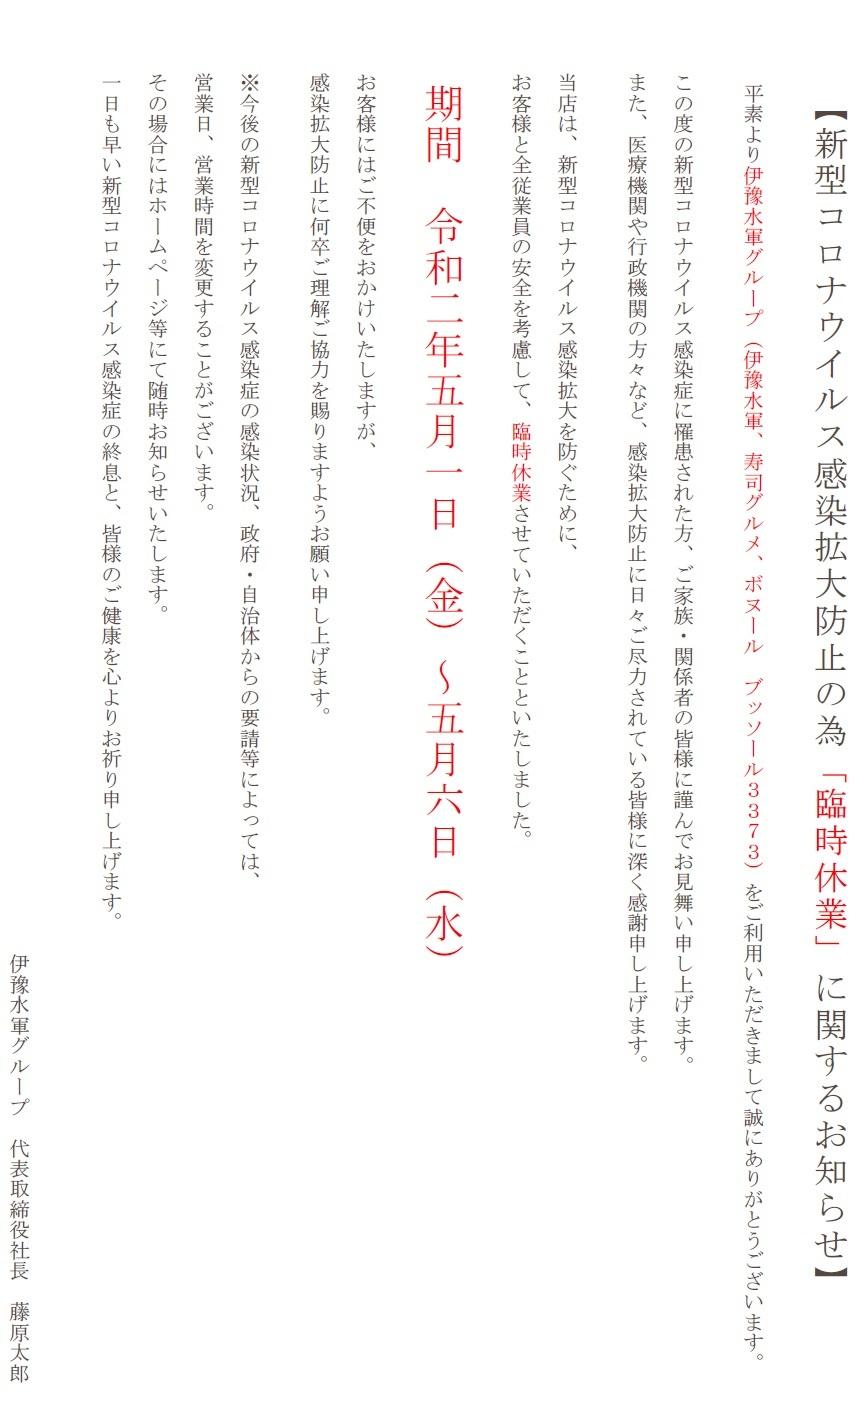 寿司グルメ 臨時休業のお知らせ_b0325627_17530660.jpg